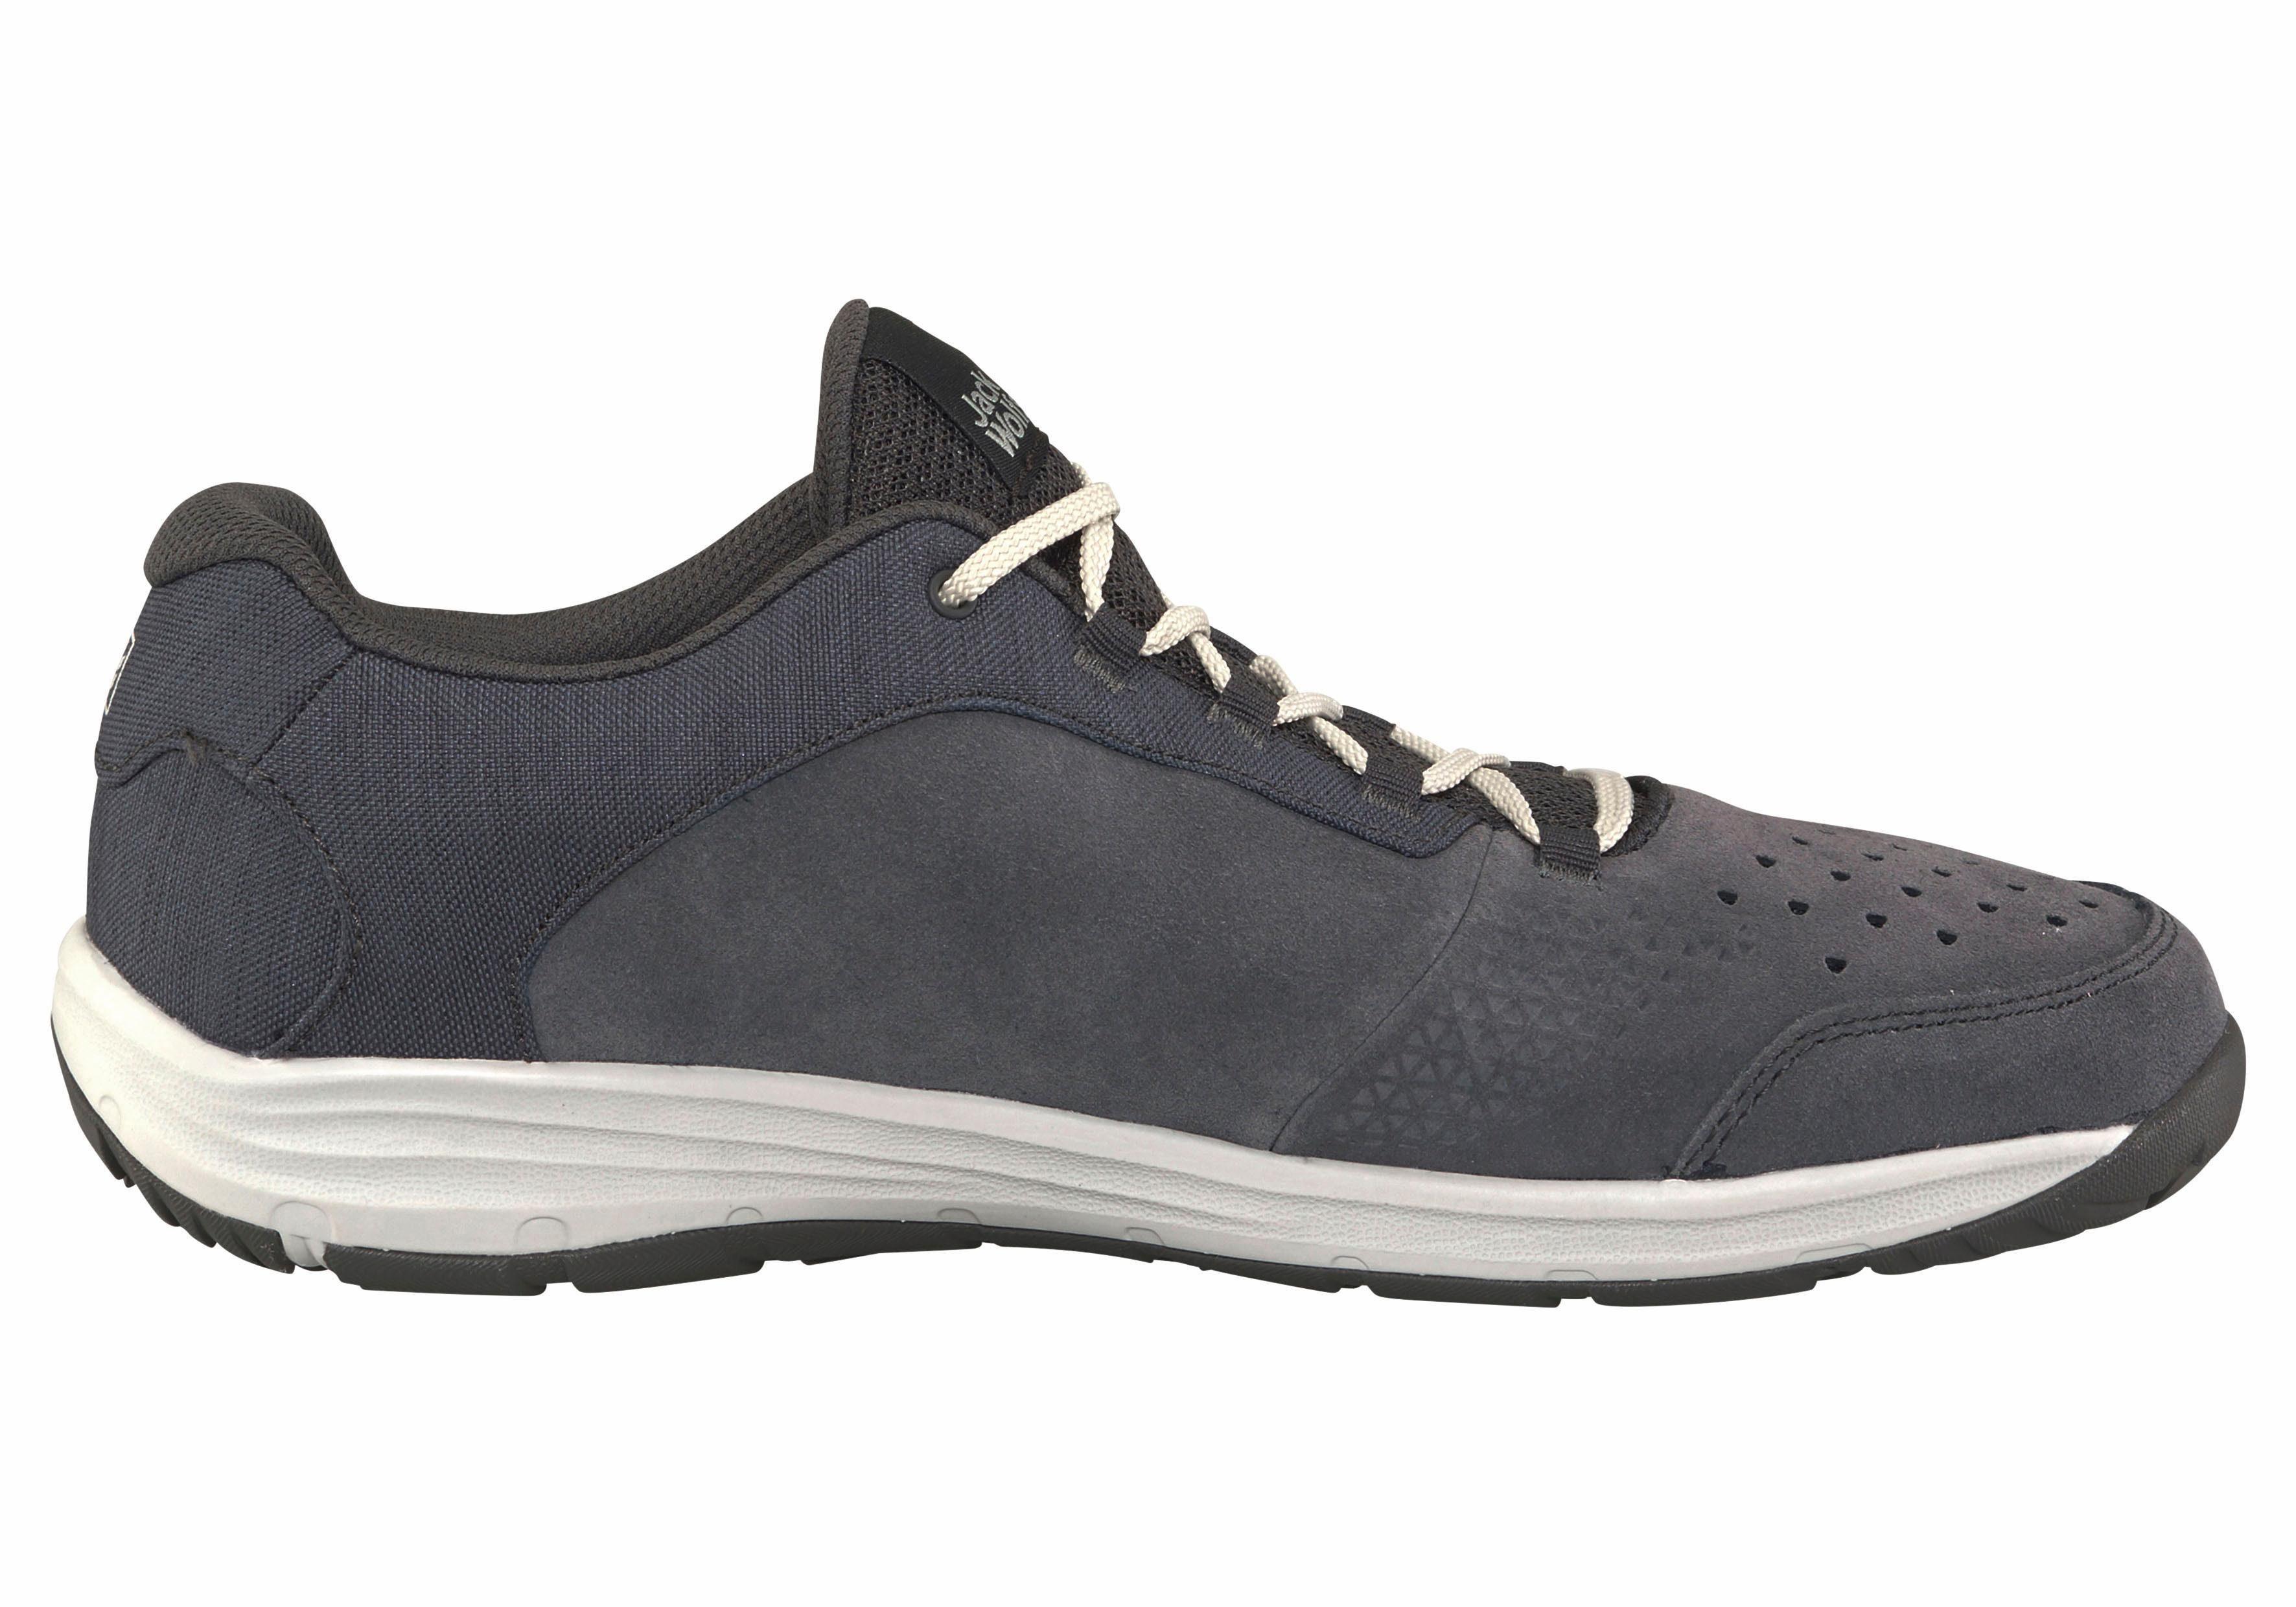 Jack Wolfskin Chaussures Sept Merveilles Pour Les Hommes - Gris Foncé PN1Du0a5b